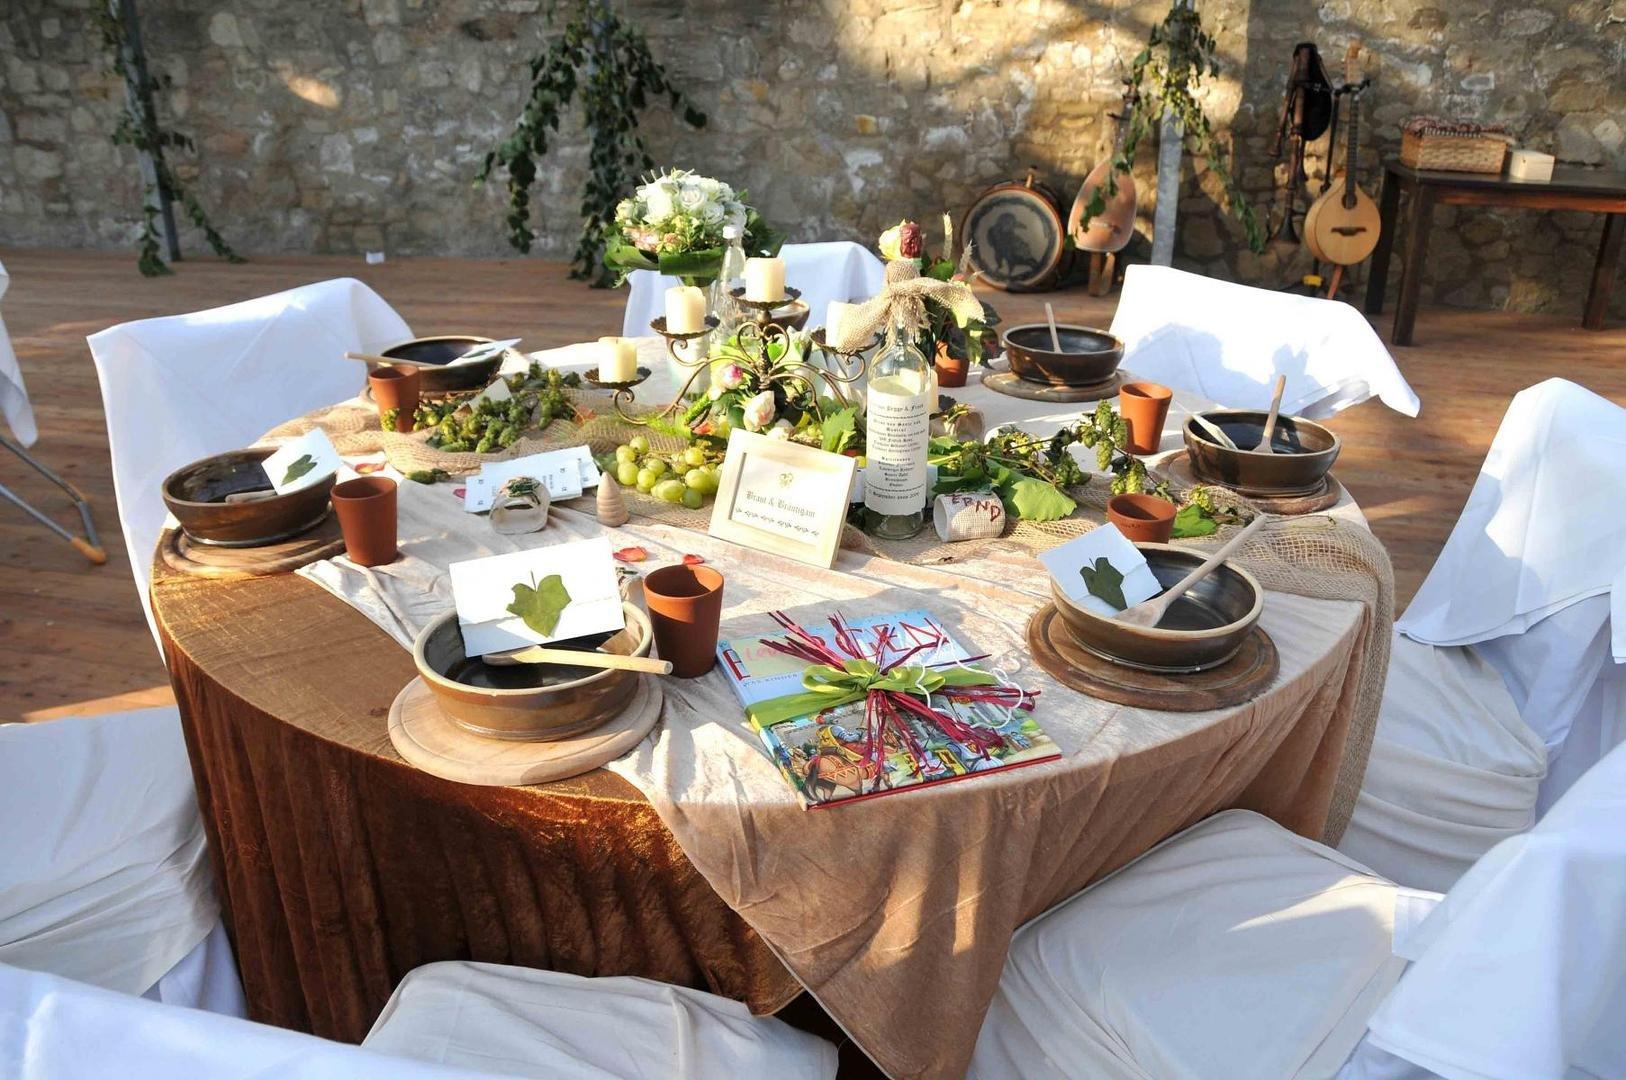 Bild tischdekoration mittelalter for Tischdekoration hochzeit bilder